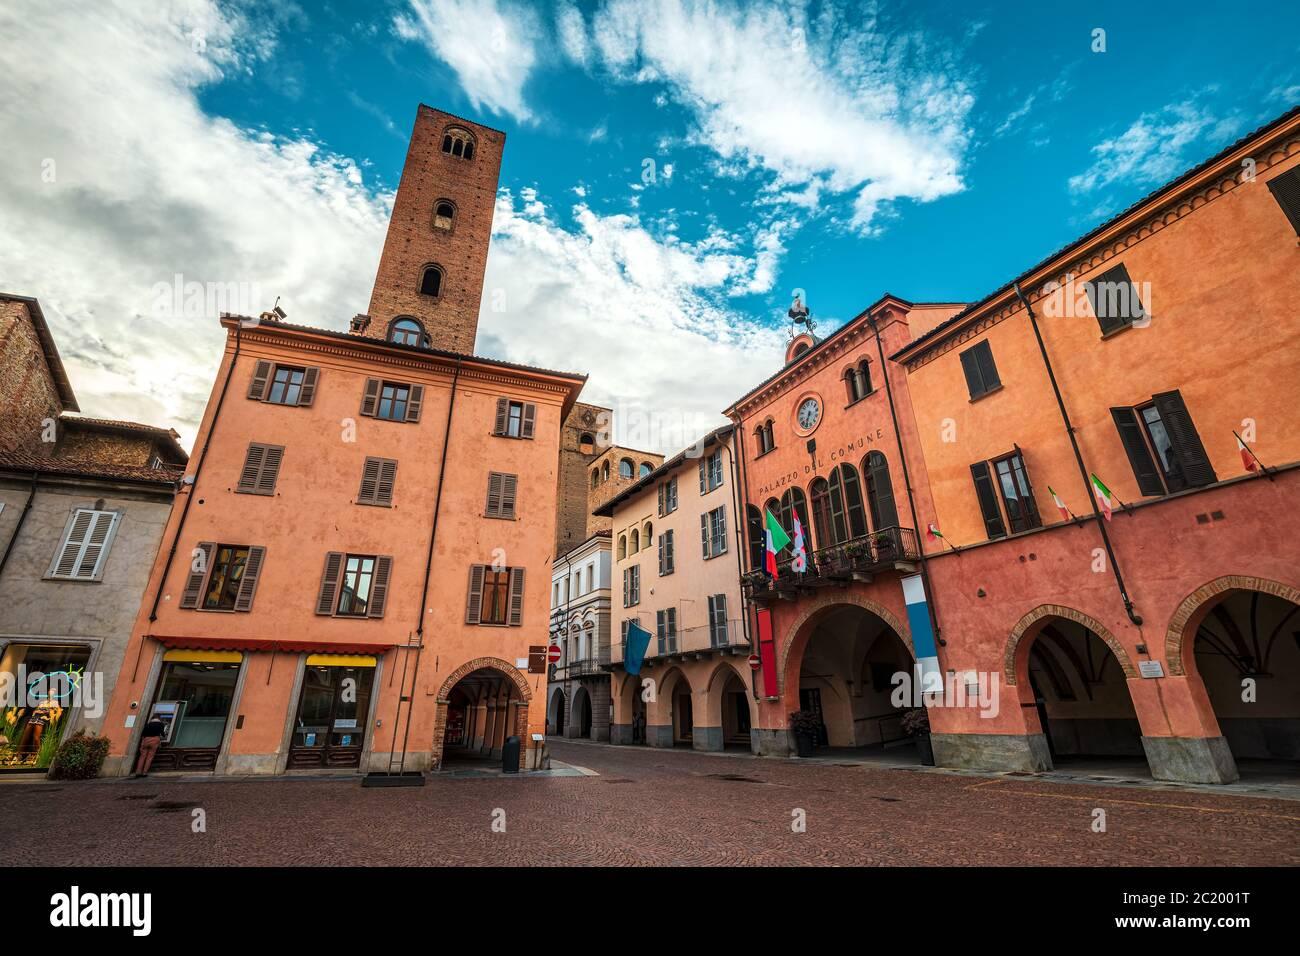 Vecchie case colorate e torre medievale su piazza acciottolata nella città di Alba, Piemonte, Italia settentrionale. Foto Stock